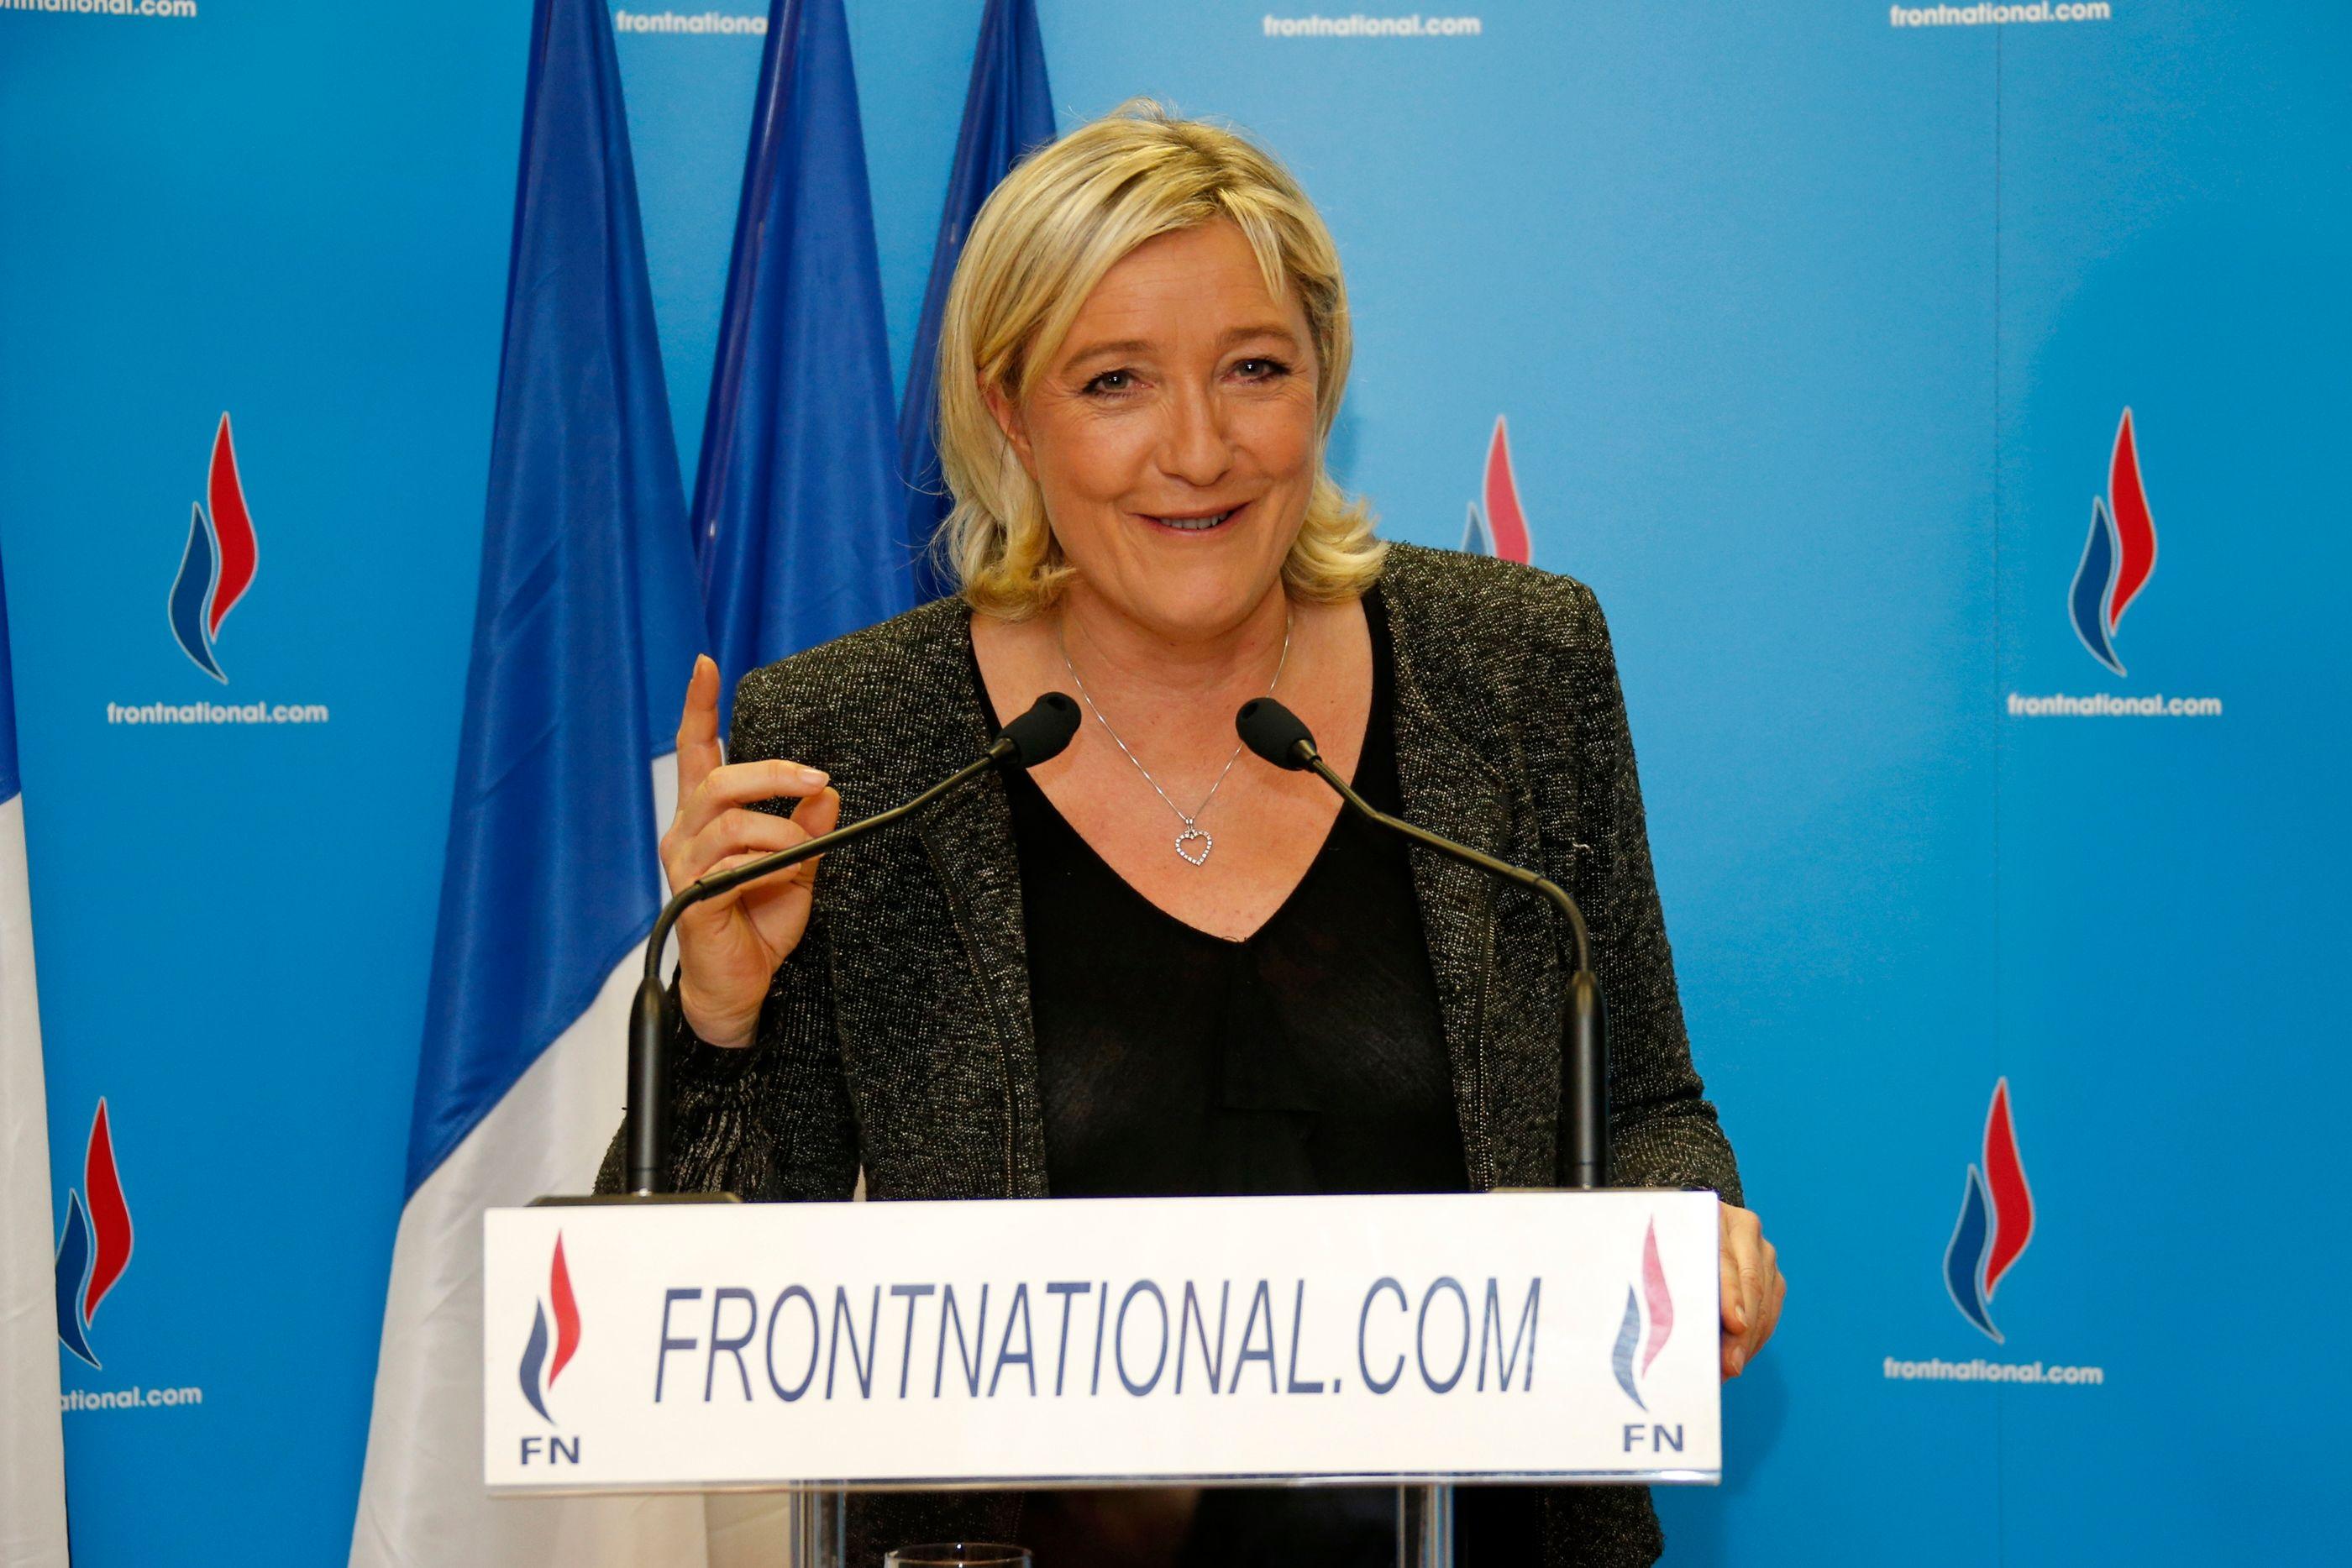 50,3% à Hénin-Beaumont, 44,9% à Béziers, 42,6% à Saint-Gilles, 40,3% à Fréjus : les scores du Front national aux municipales sont inédits.